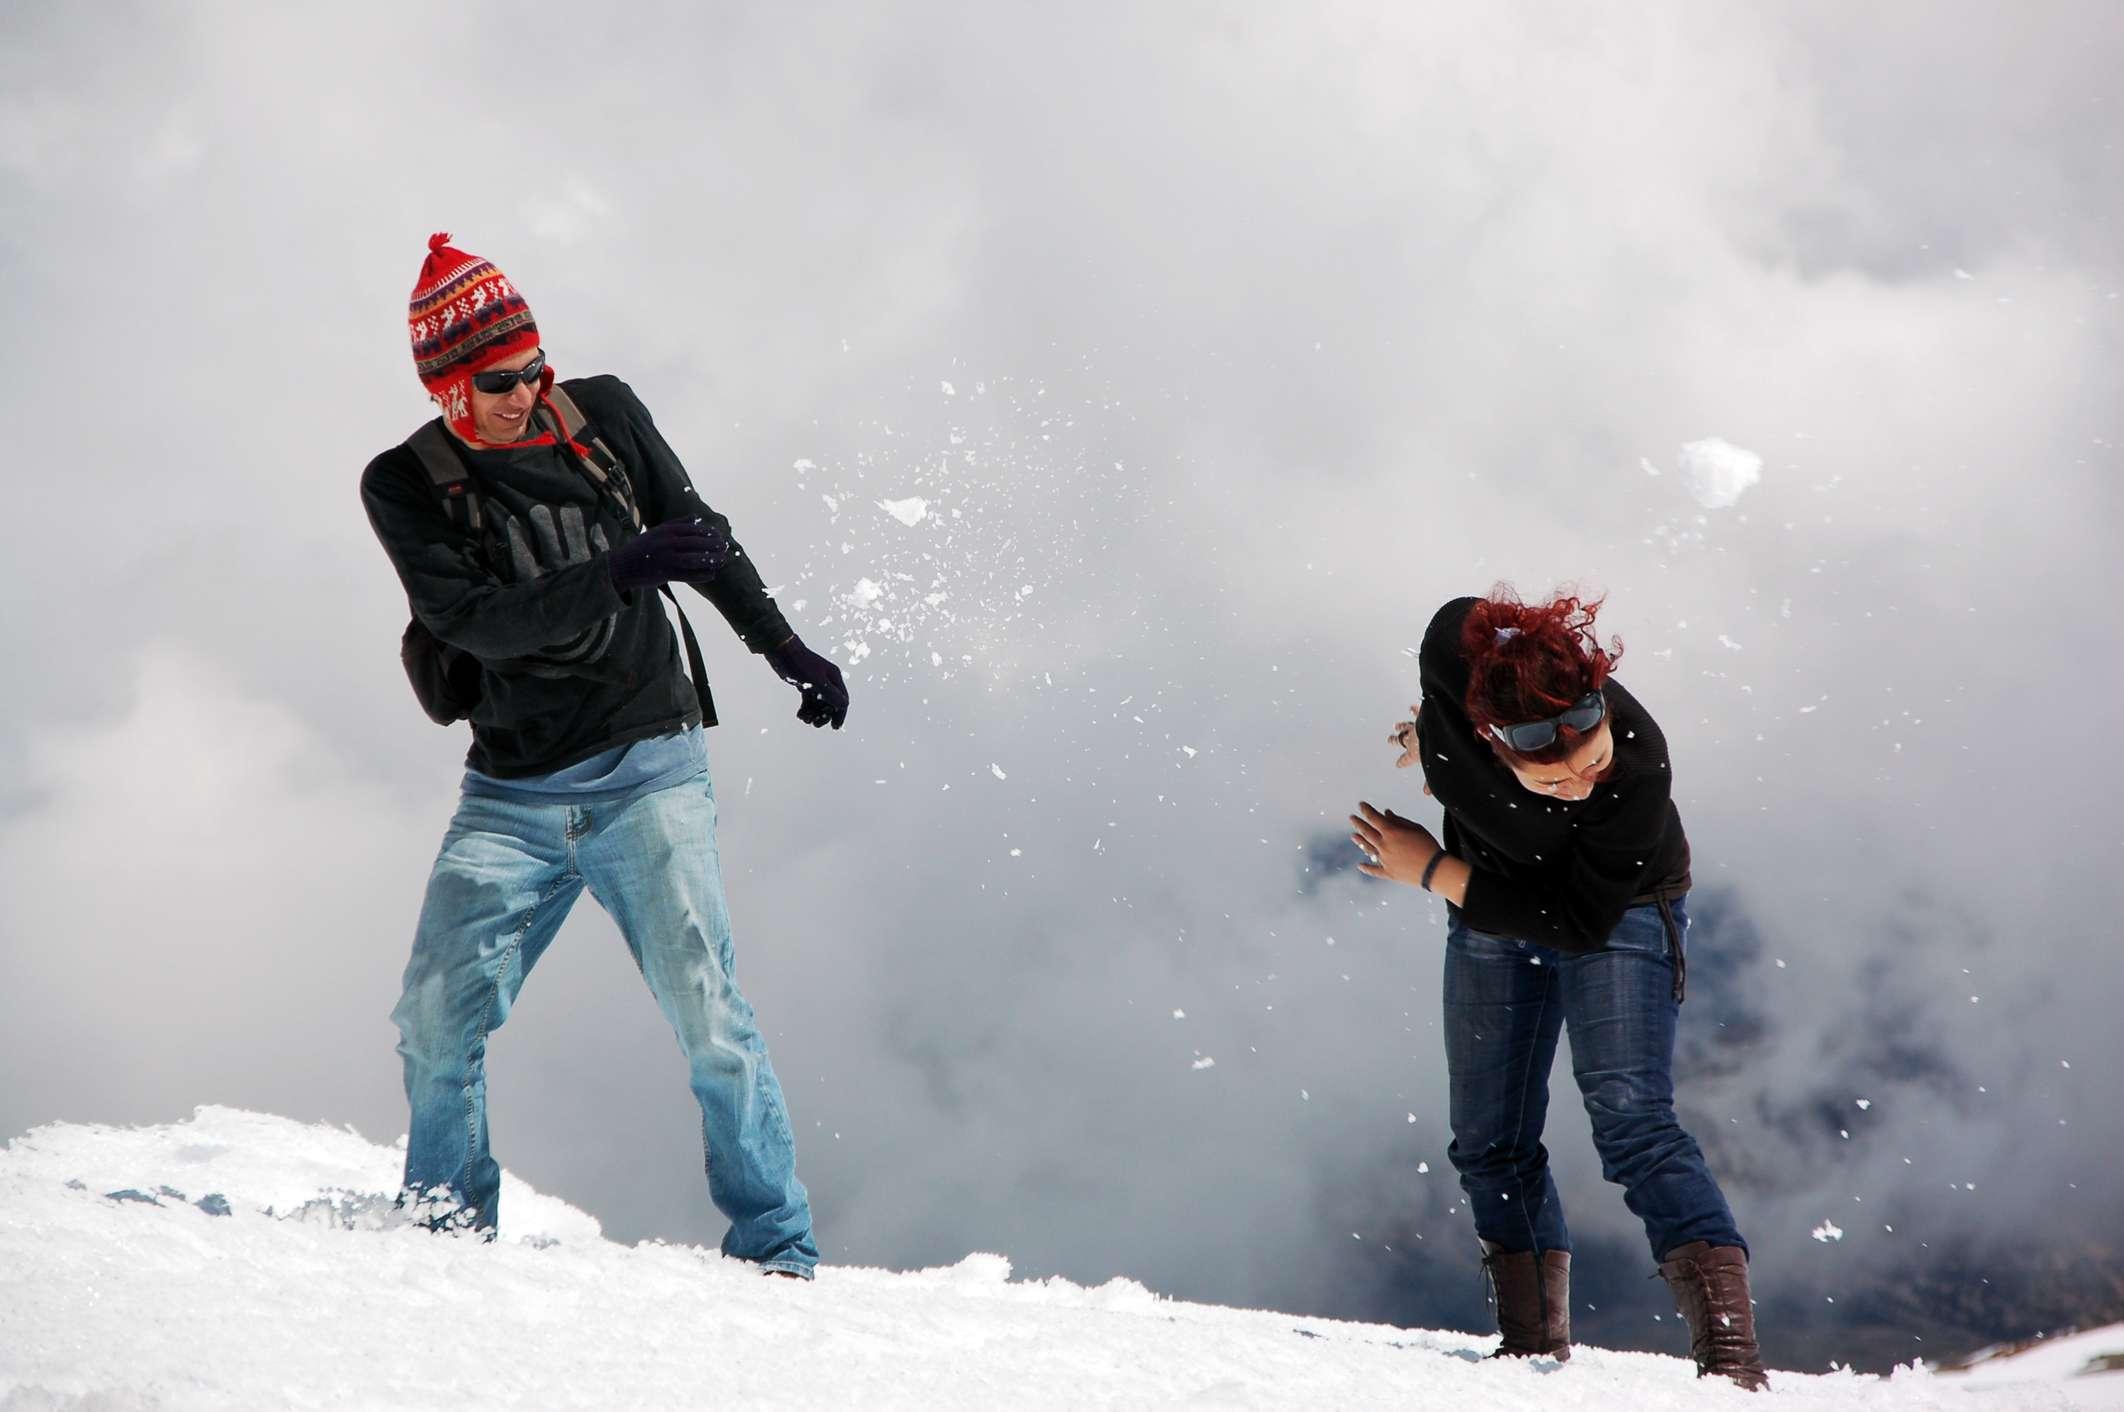 Pareja divirtiéndose en la nieve